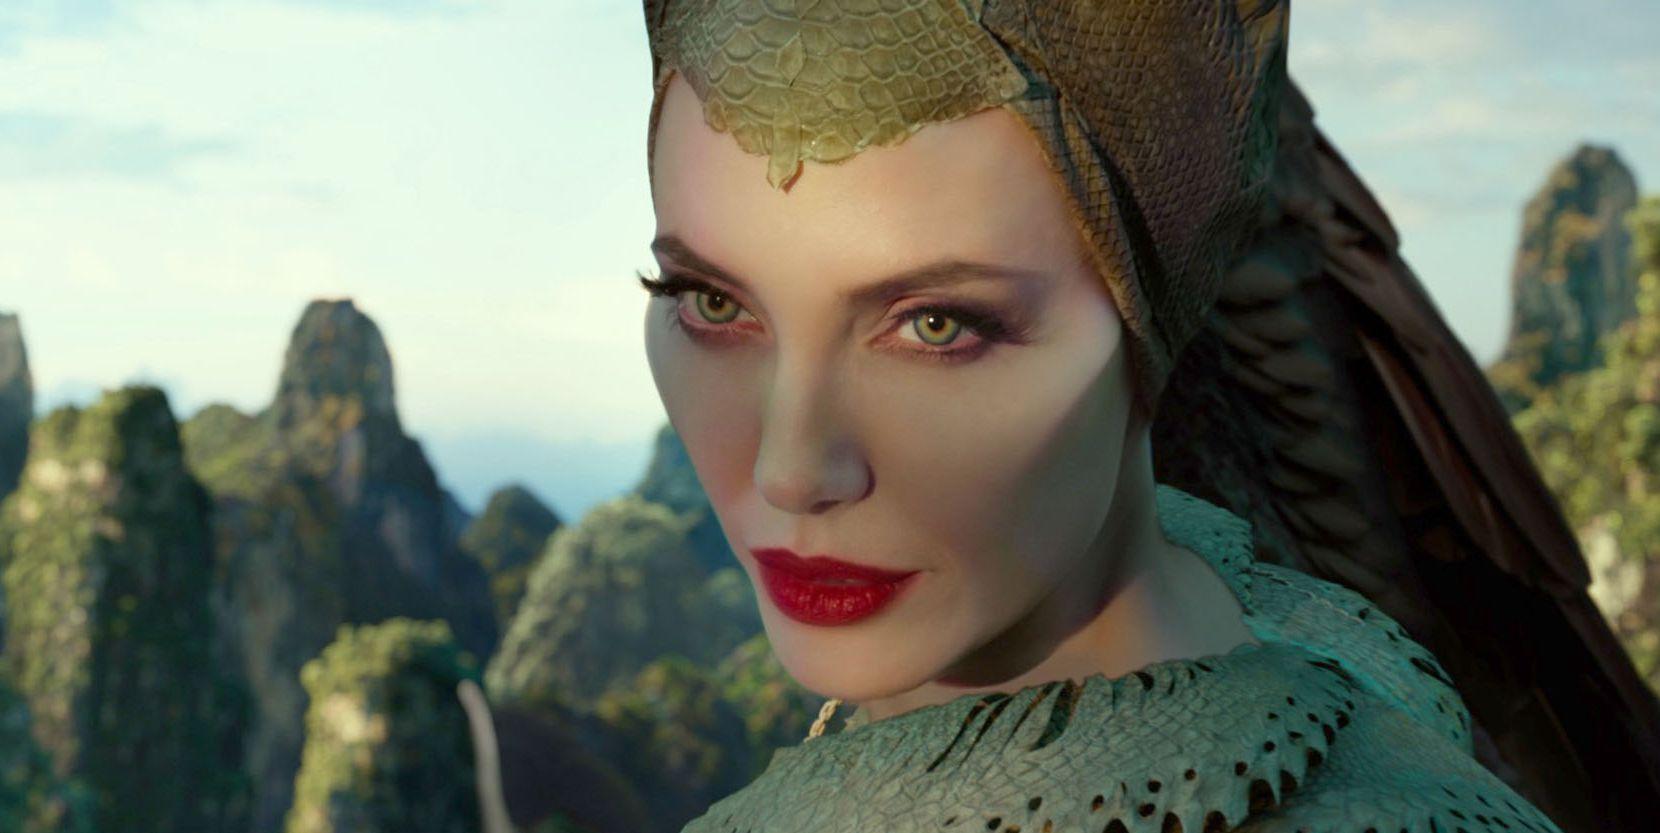 Lee La Resena De La Pelicula Maleficent Mistress Of Evil